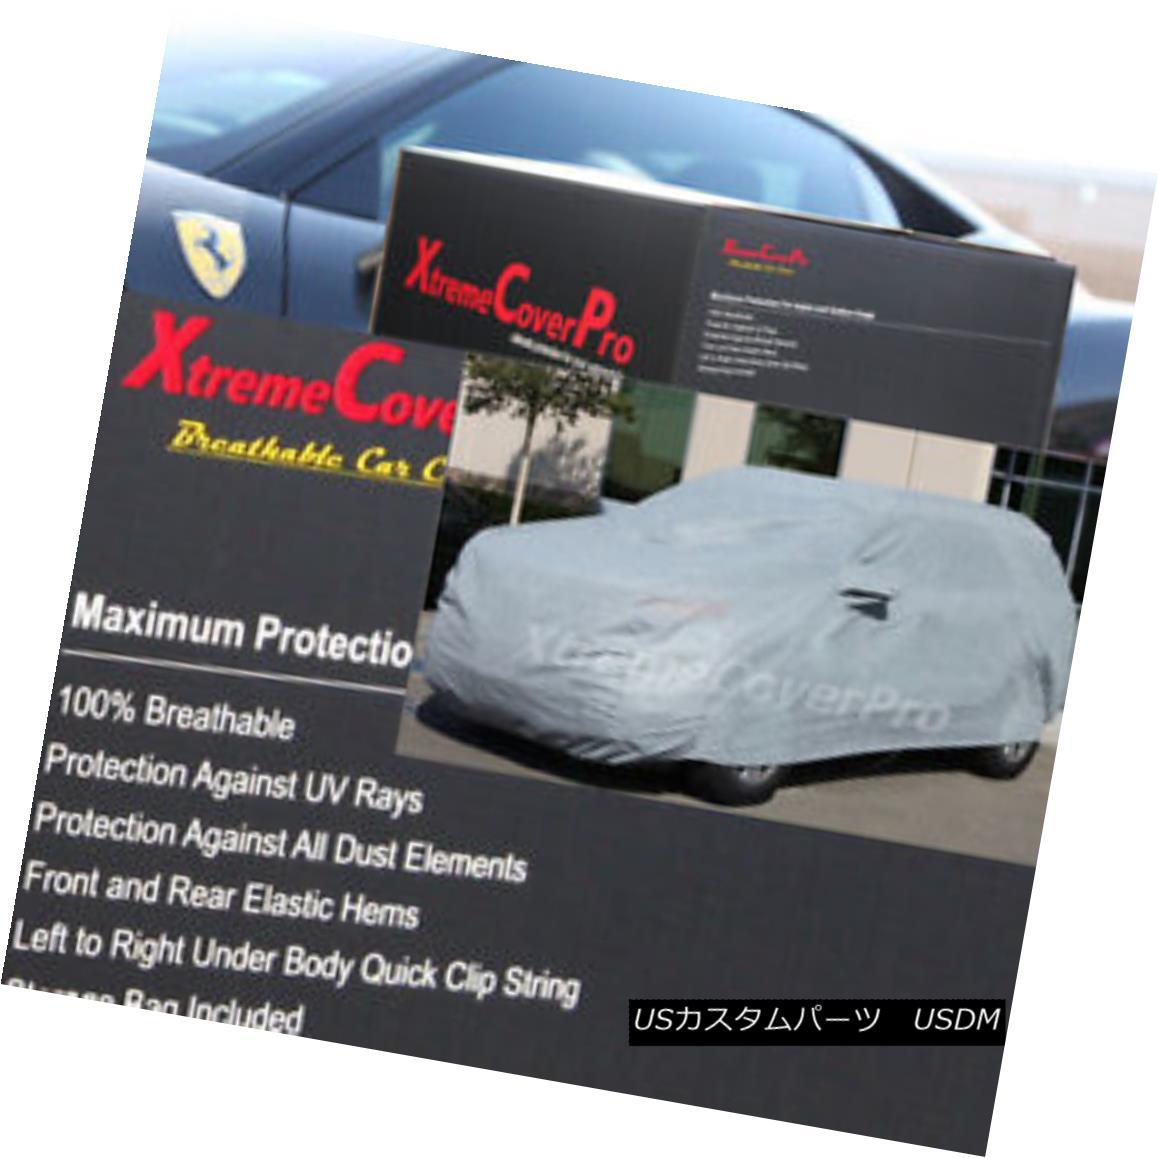 カーカバー 2014 TOYOTA FJ Cruiser Breathable Car Cover w/ Mirror Pocket 2014 TOYOTA FJクルーザー通気性の車カバー(ミラーポケット付)